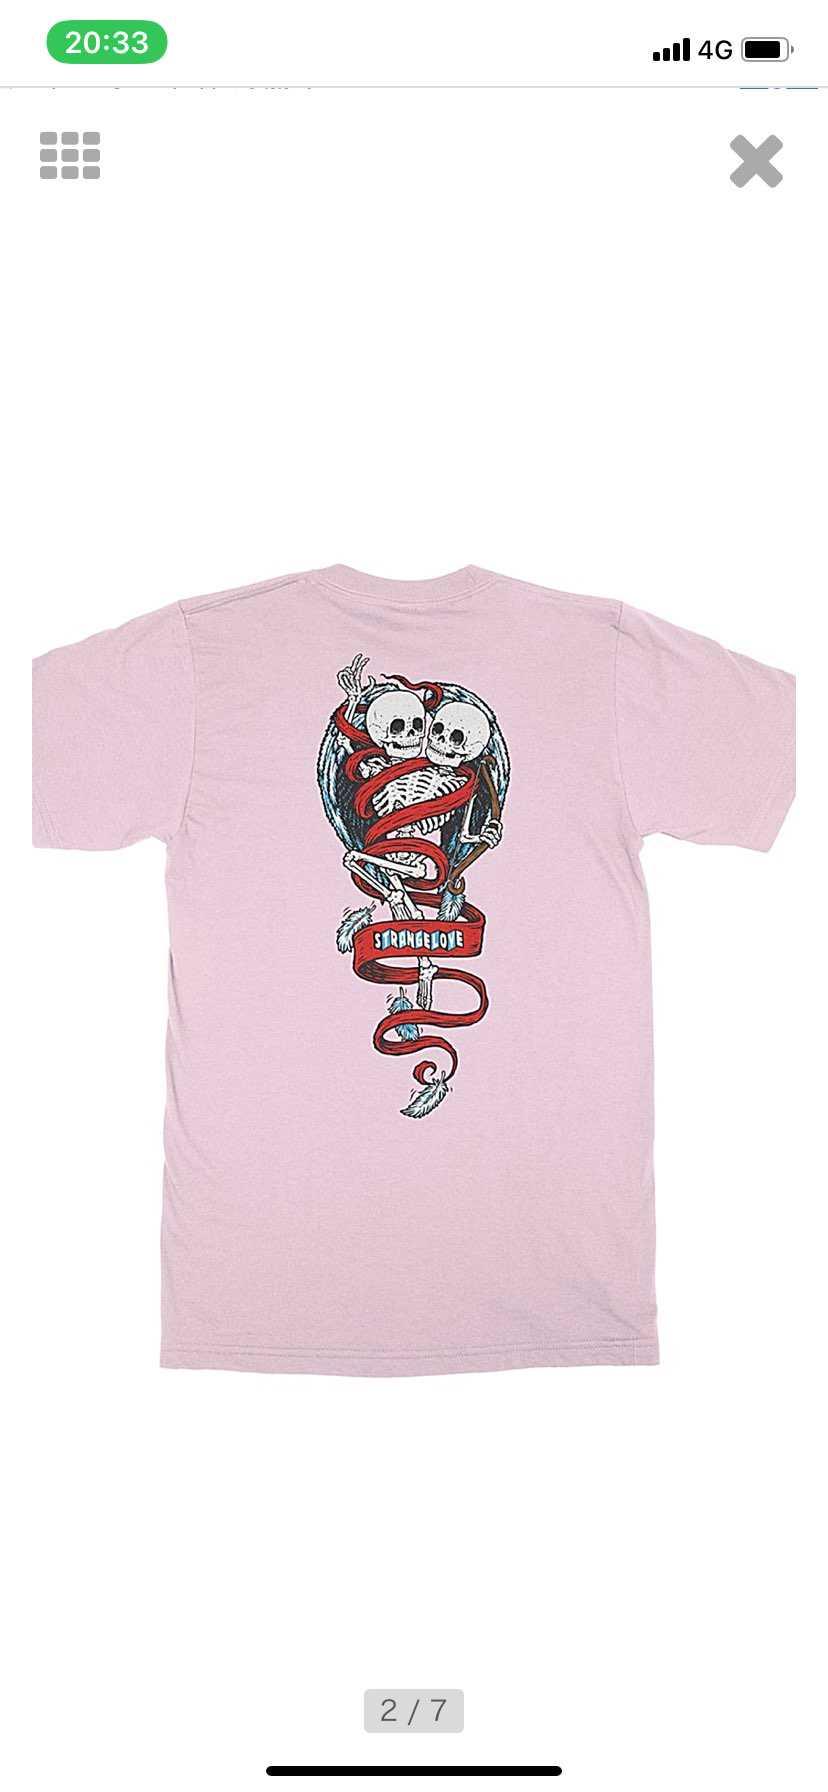 質問です! このTシャツってどこで買えますかね。 メルカリとか探しても全く見